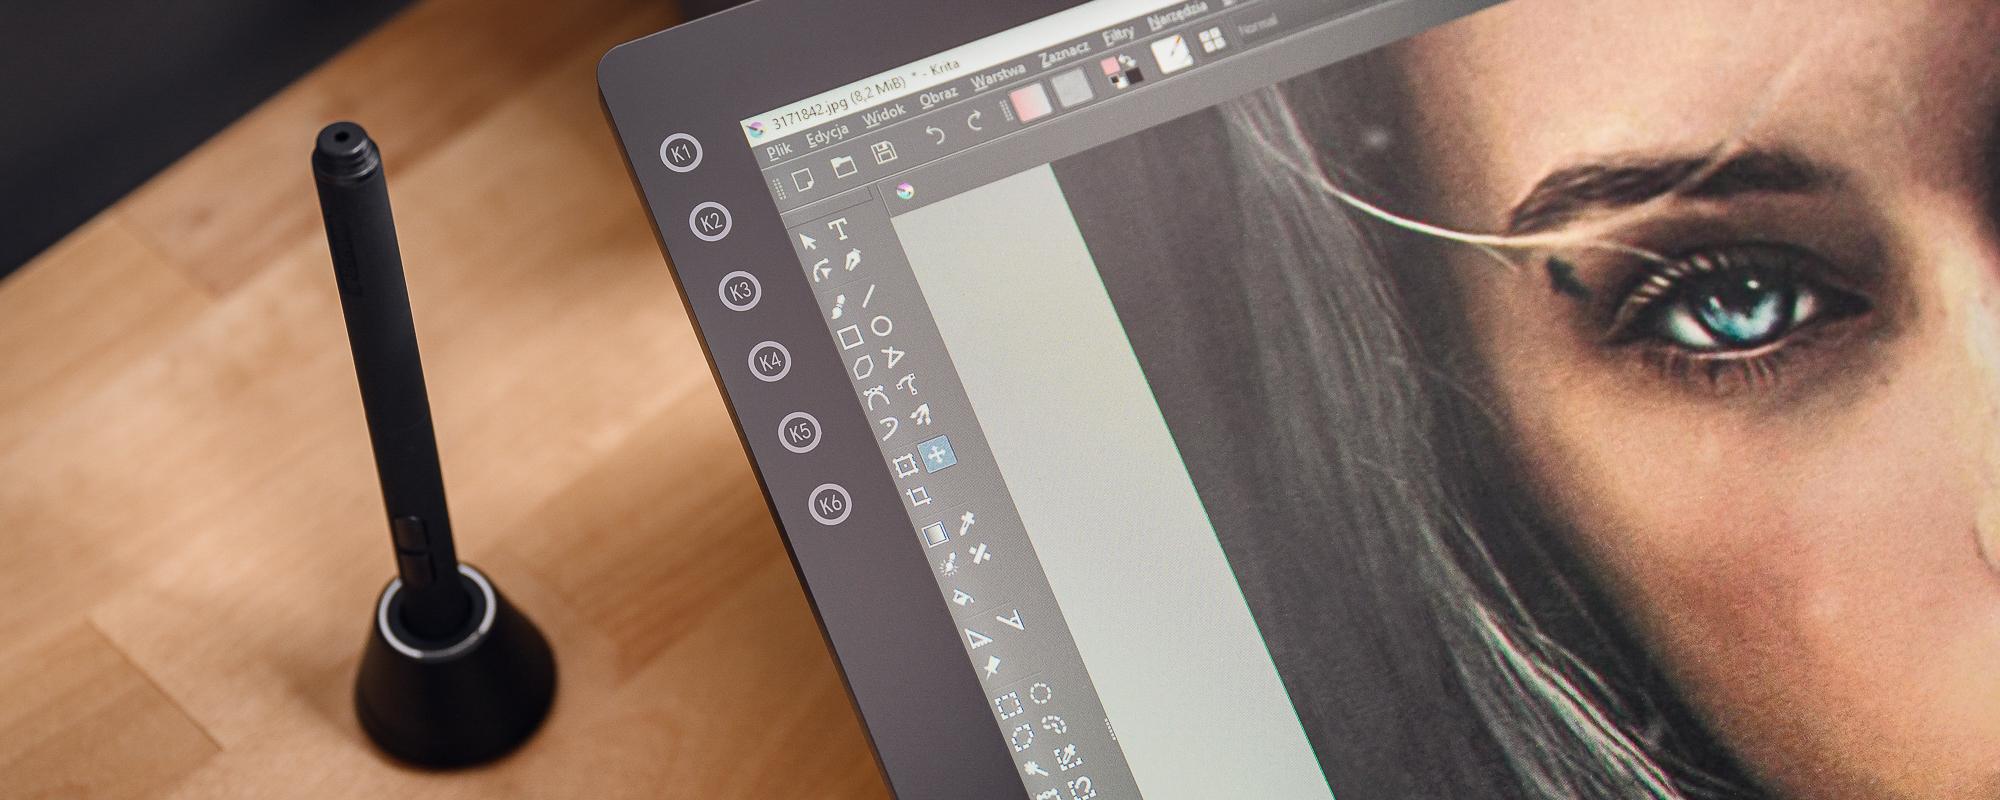 Zdjęcie - zbliżenie na klawisze tabletu oraz piórko na podstawce